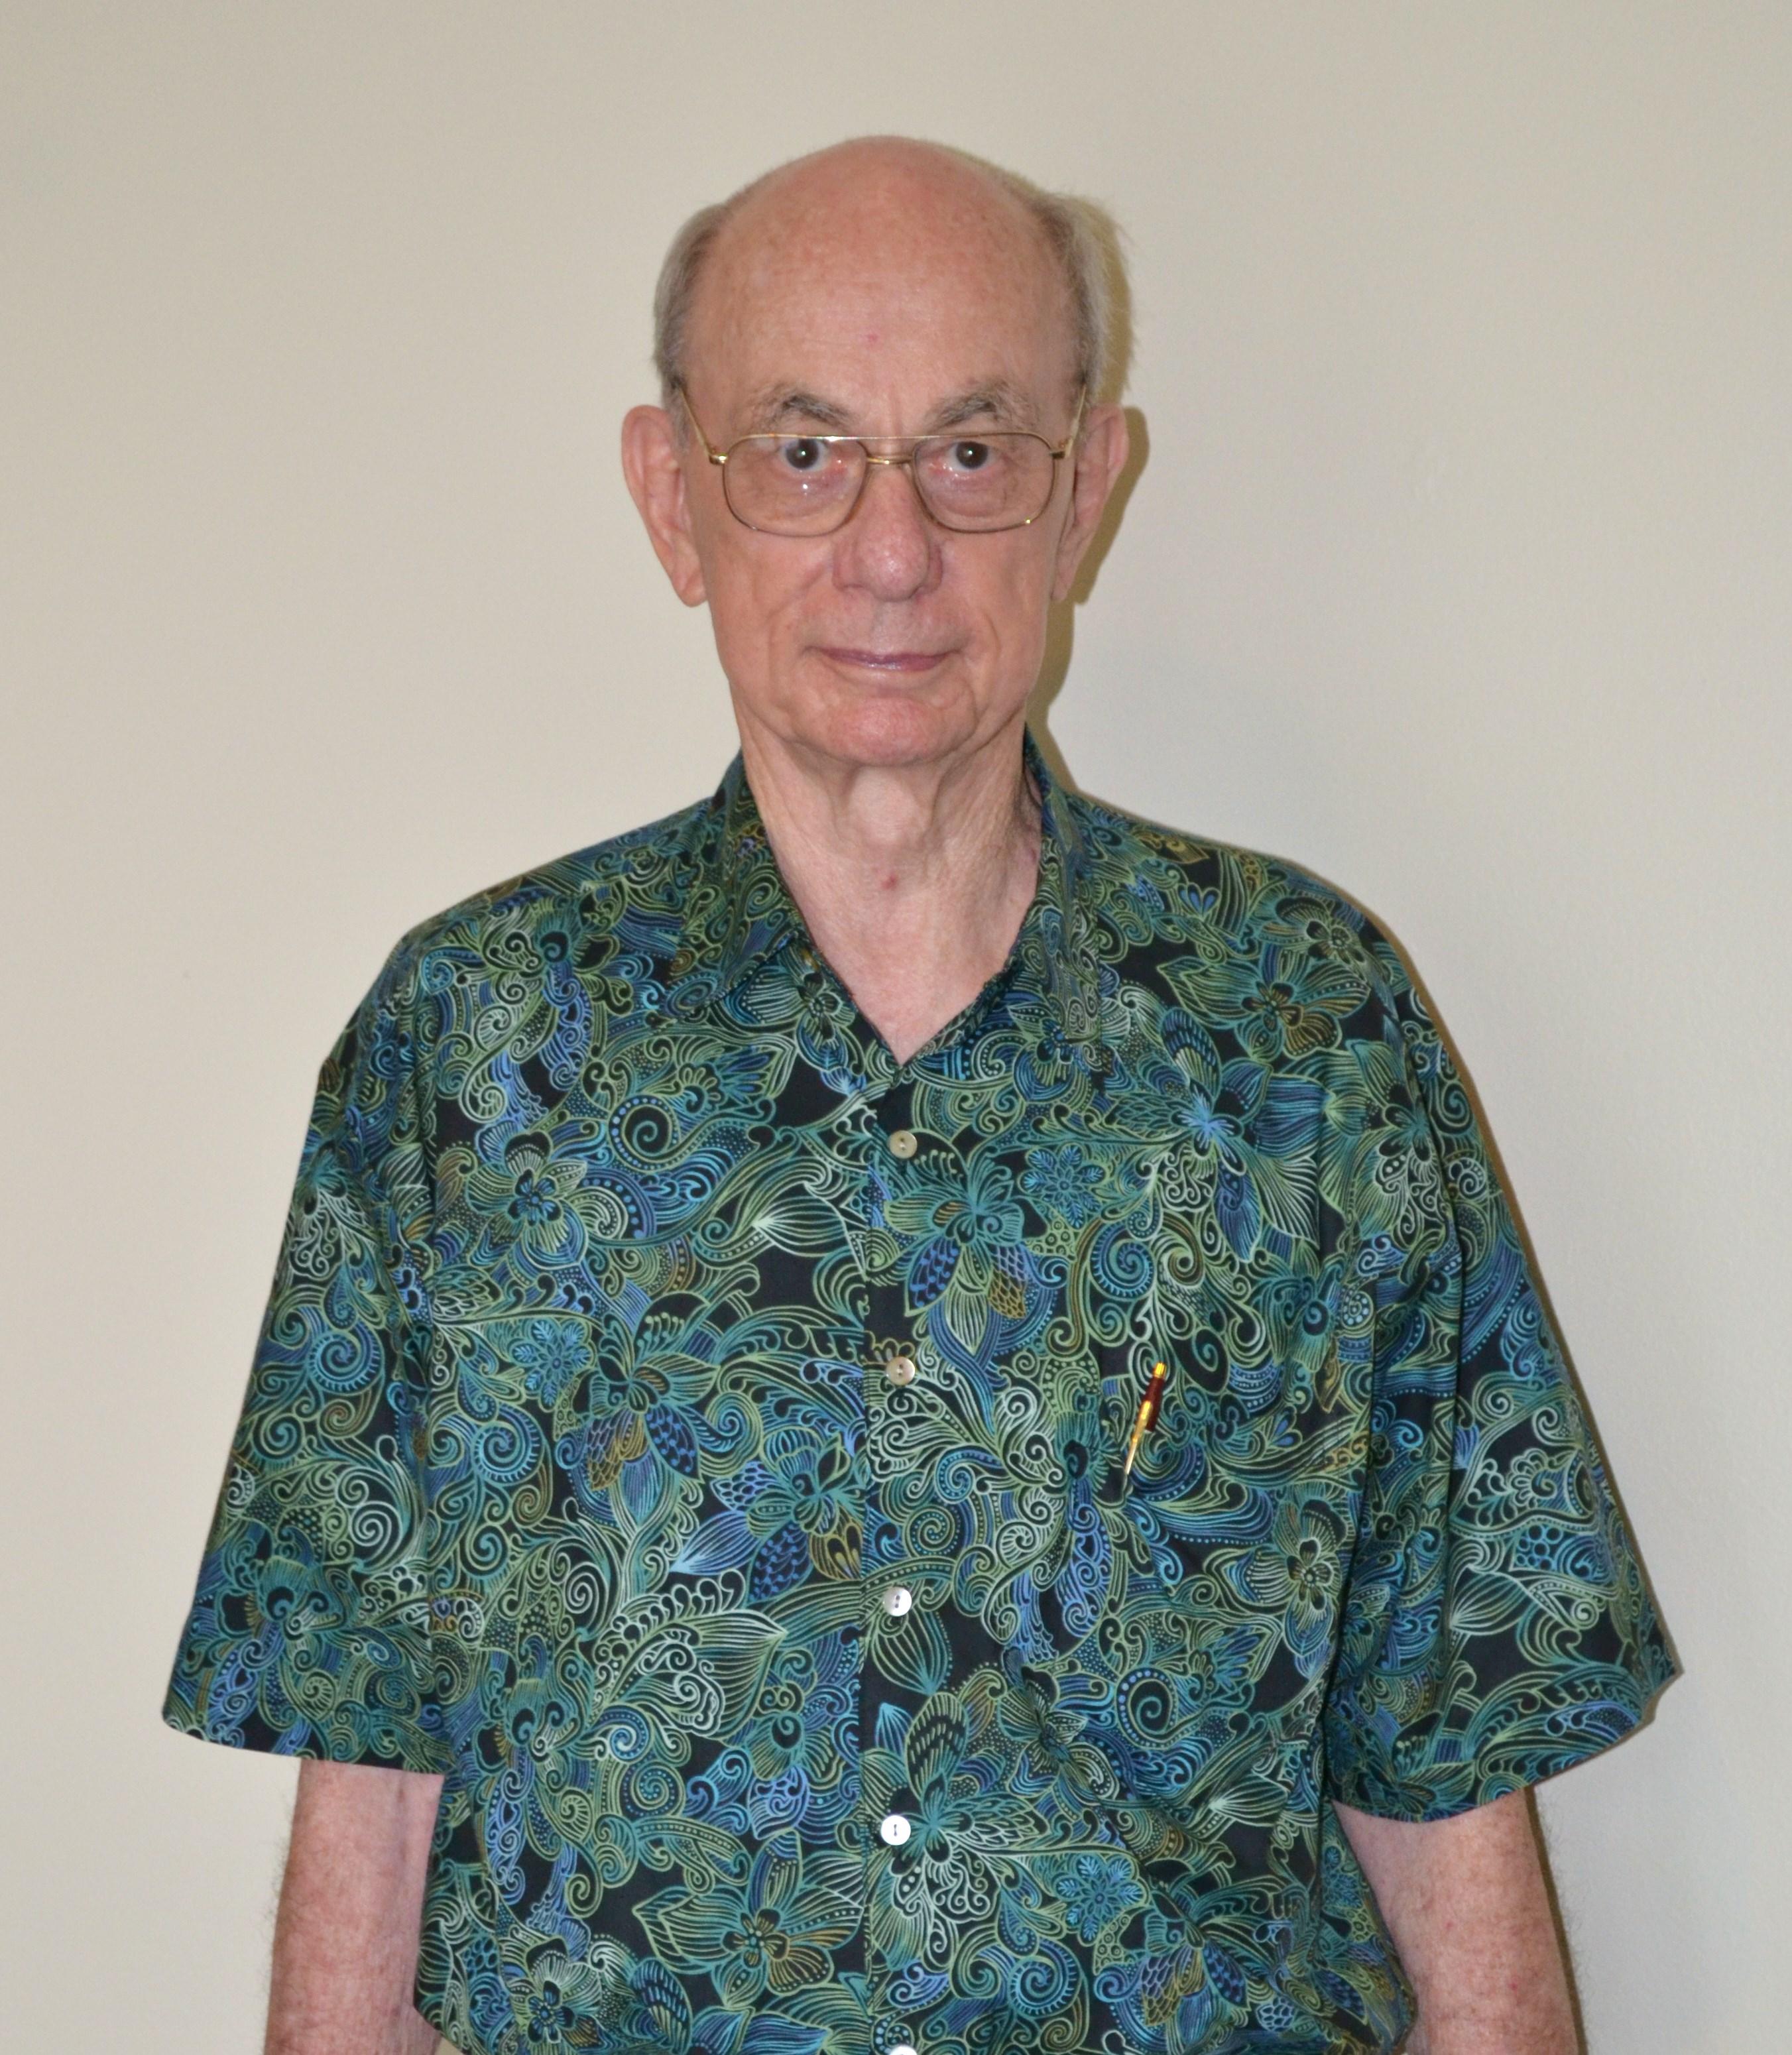 Herman Hamilton